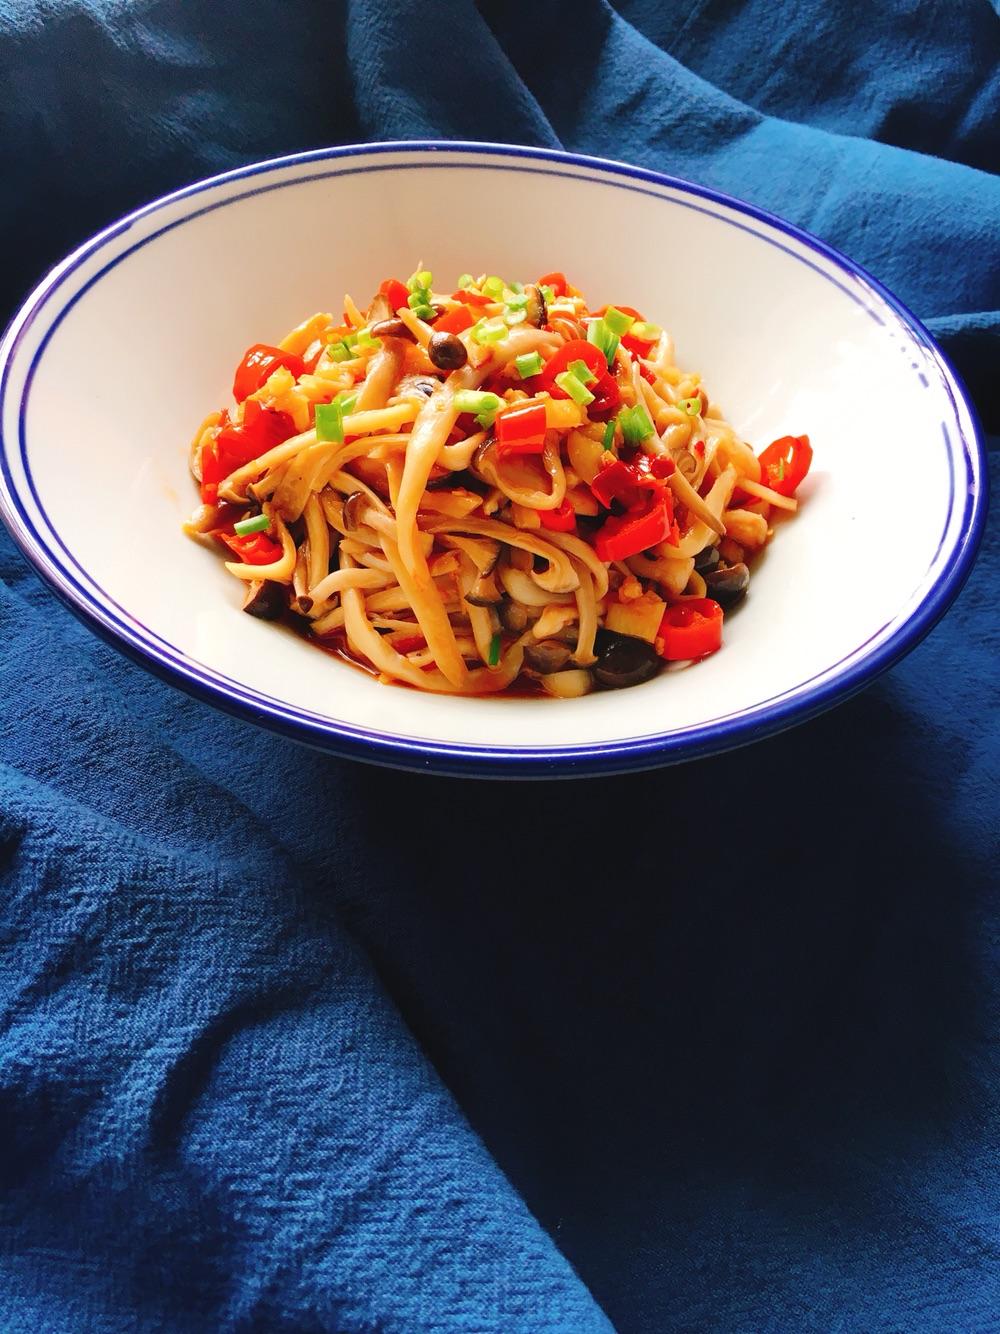 凉拌手撕海鲜菇的做法_【图解】凉拌手撕海鲜菇怎么做